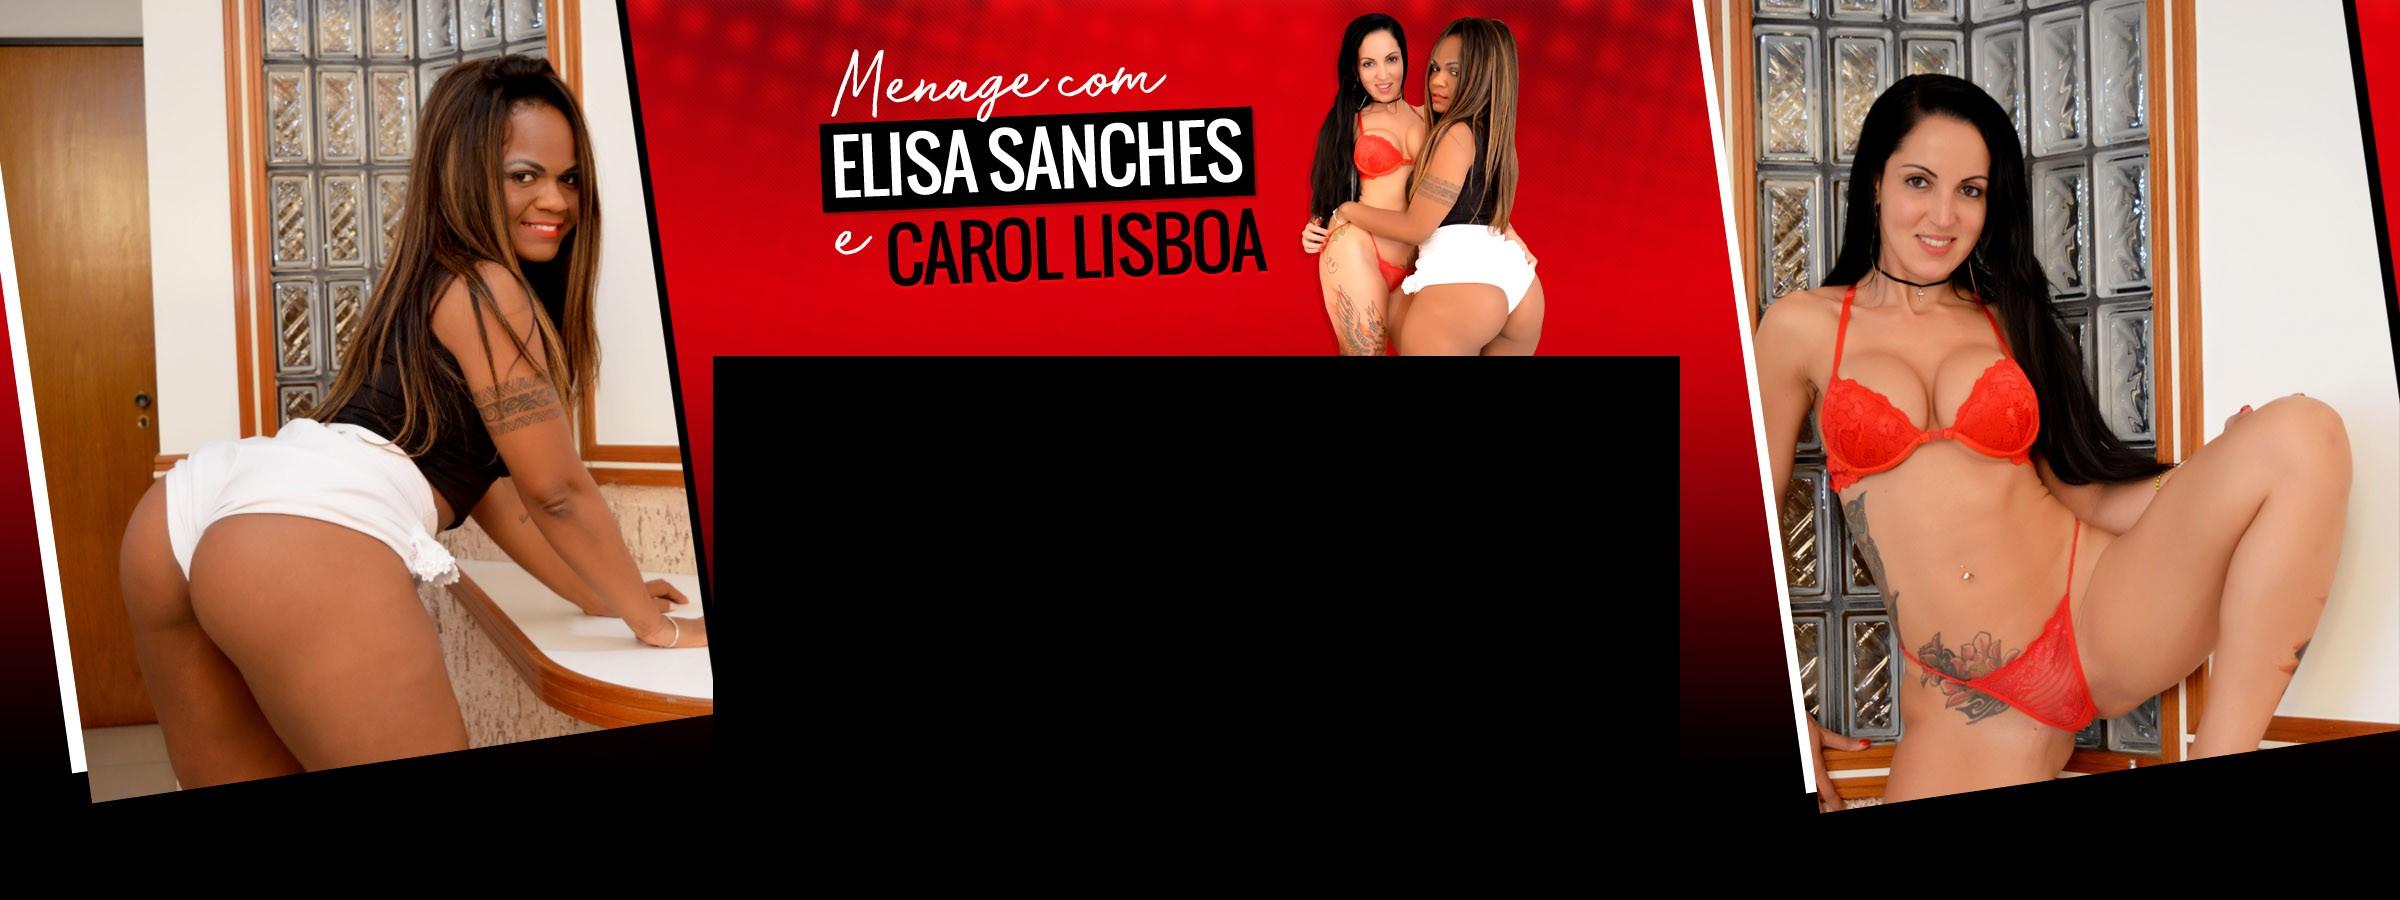 Menage com Elisa Sanches e Carol Lisboa